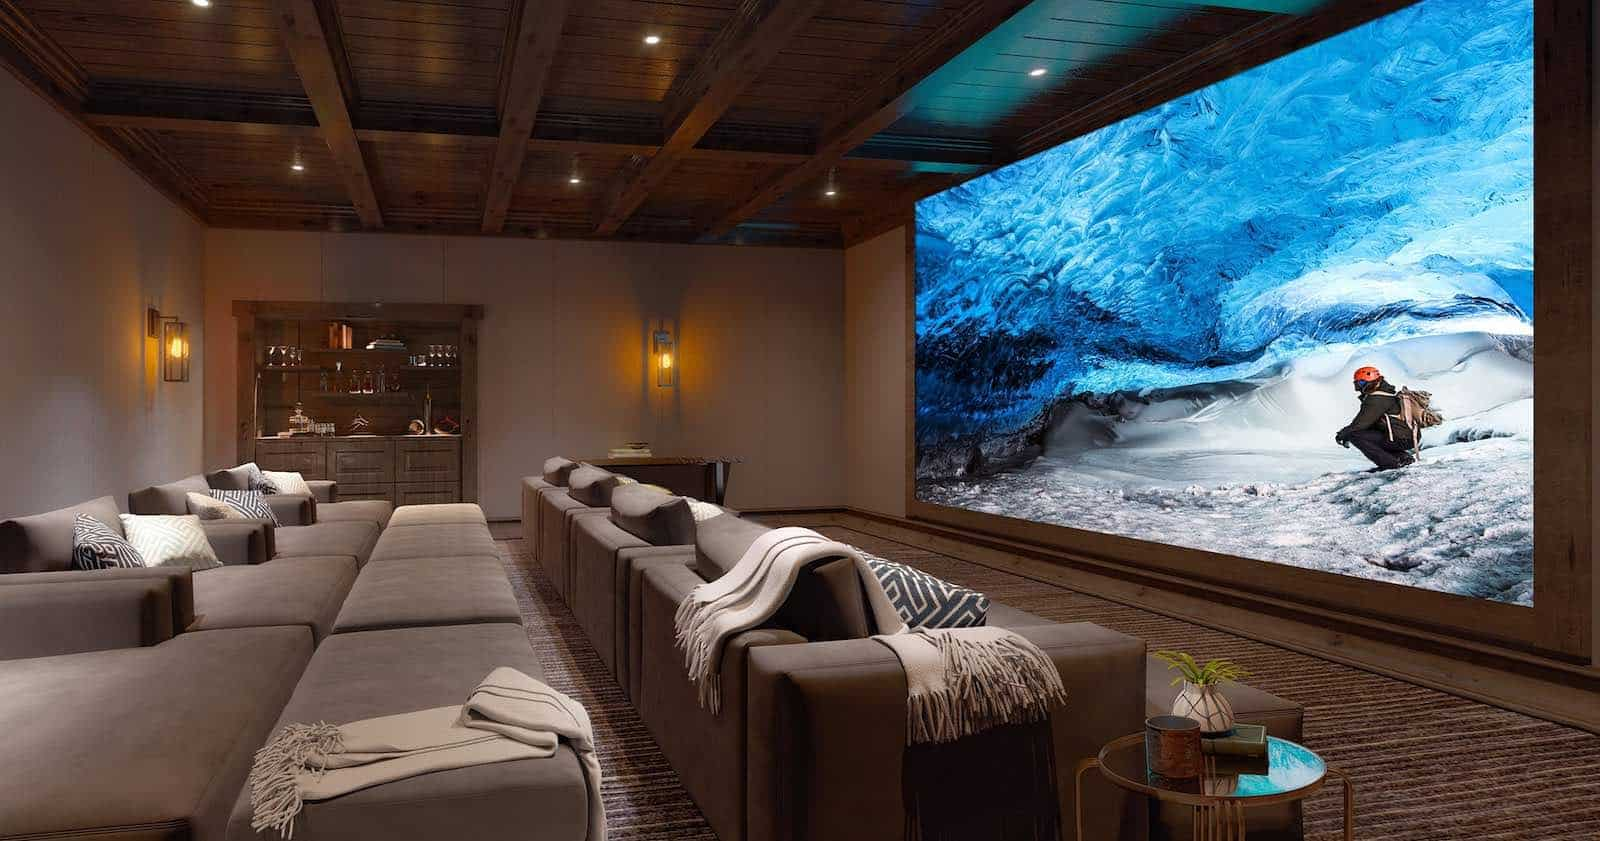 SONY presenta la pantalla de cine Crystal LED para el hogar de 19,2m